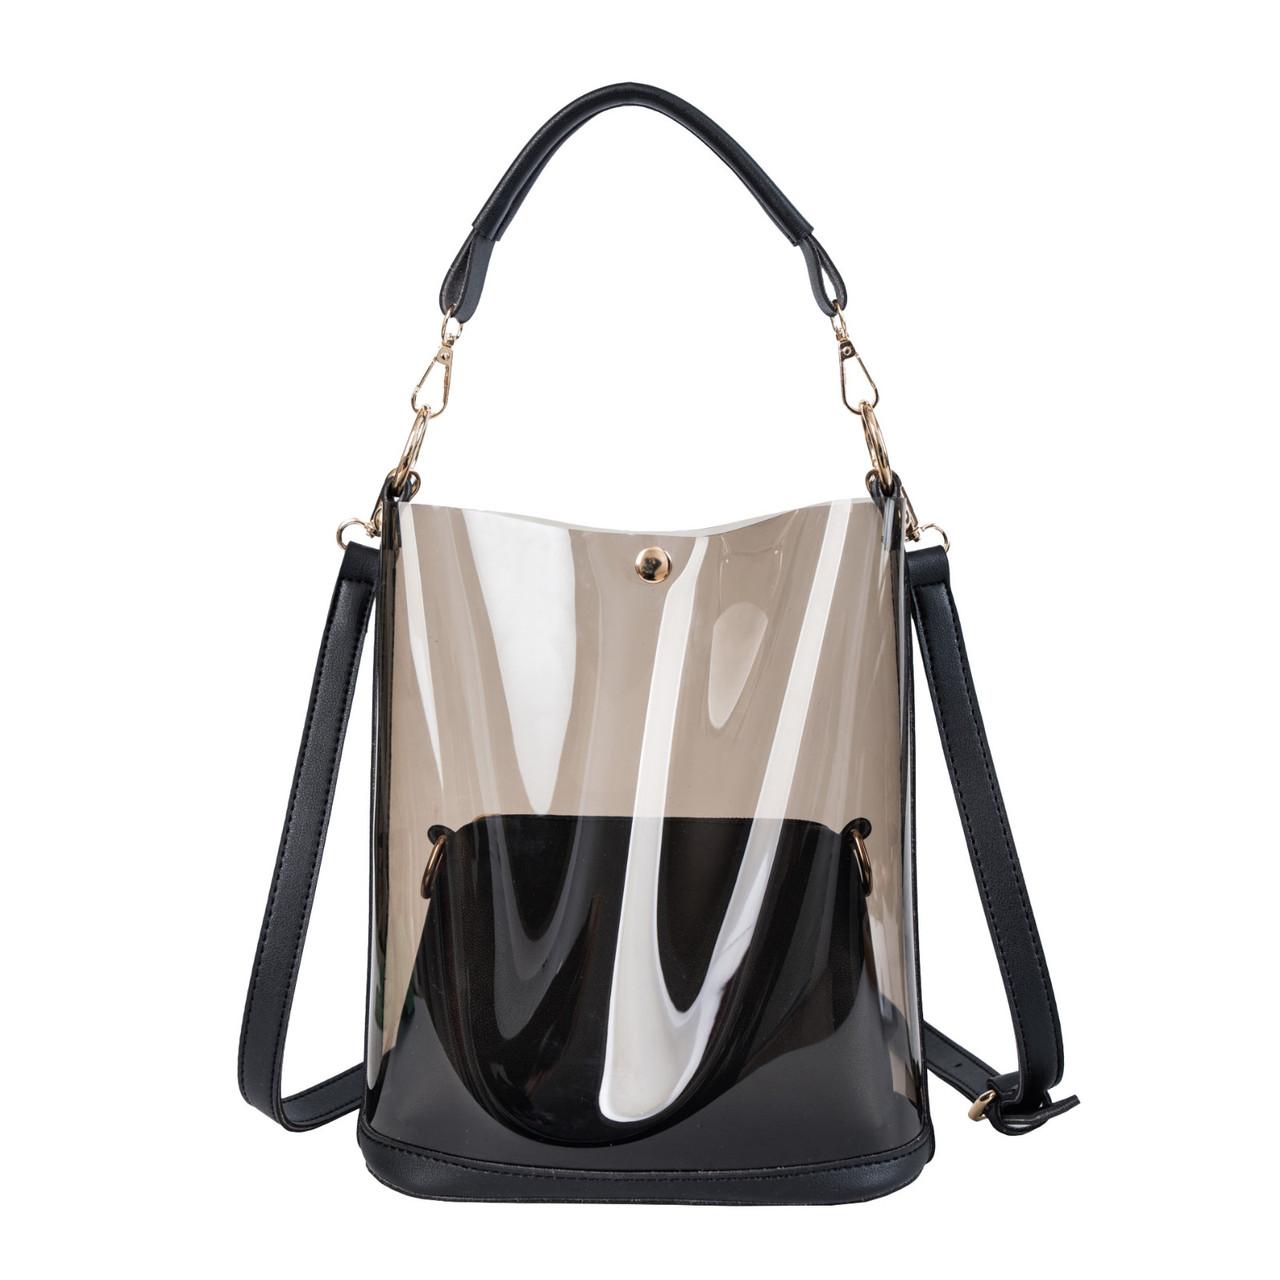 Модная женская сумка в сумке - прозрачная черная